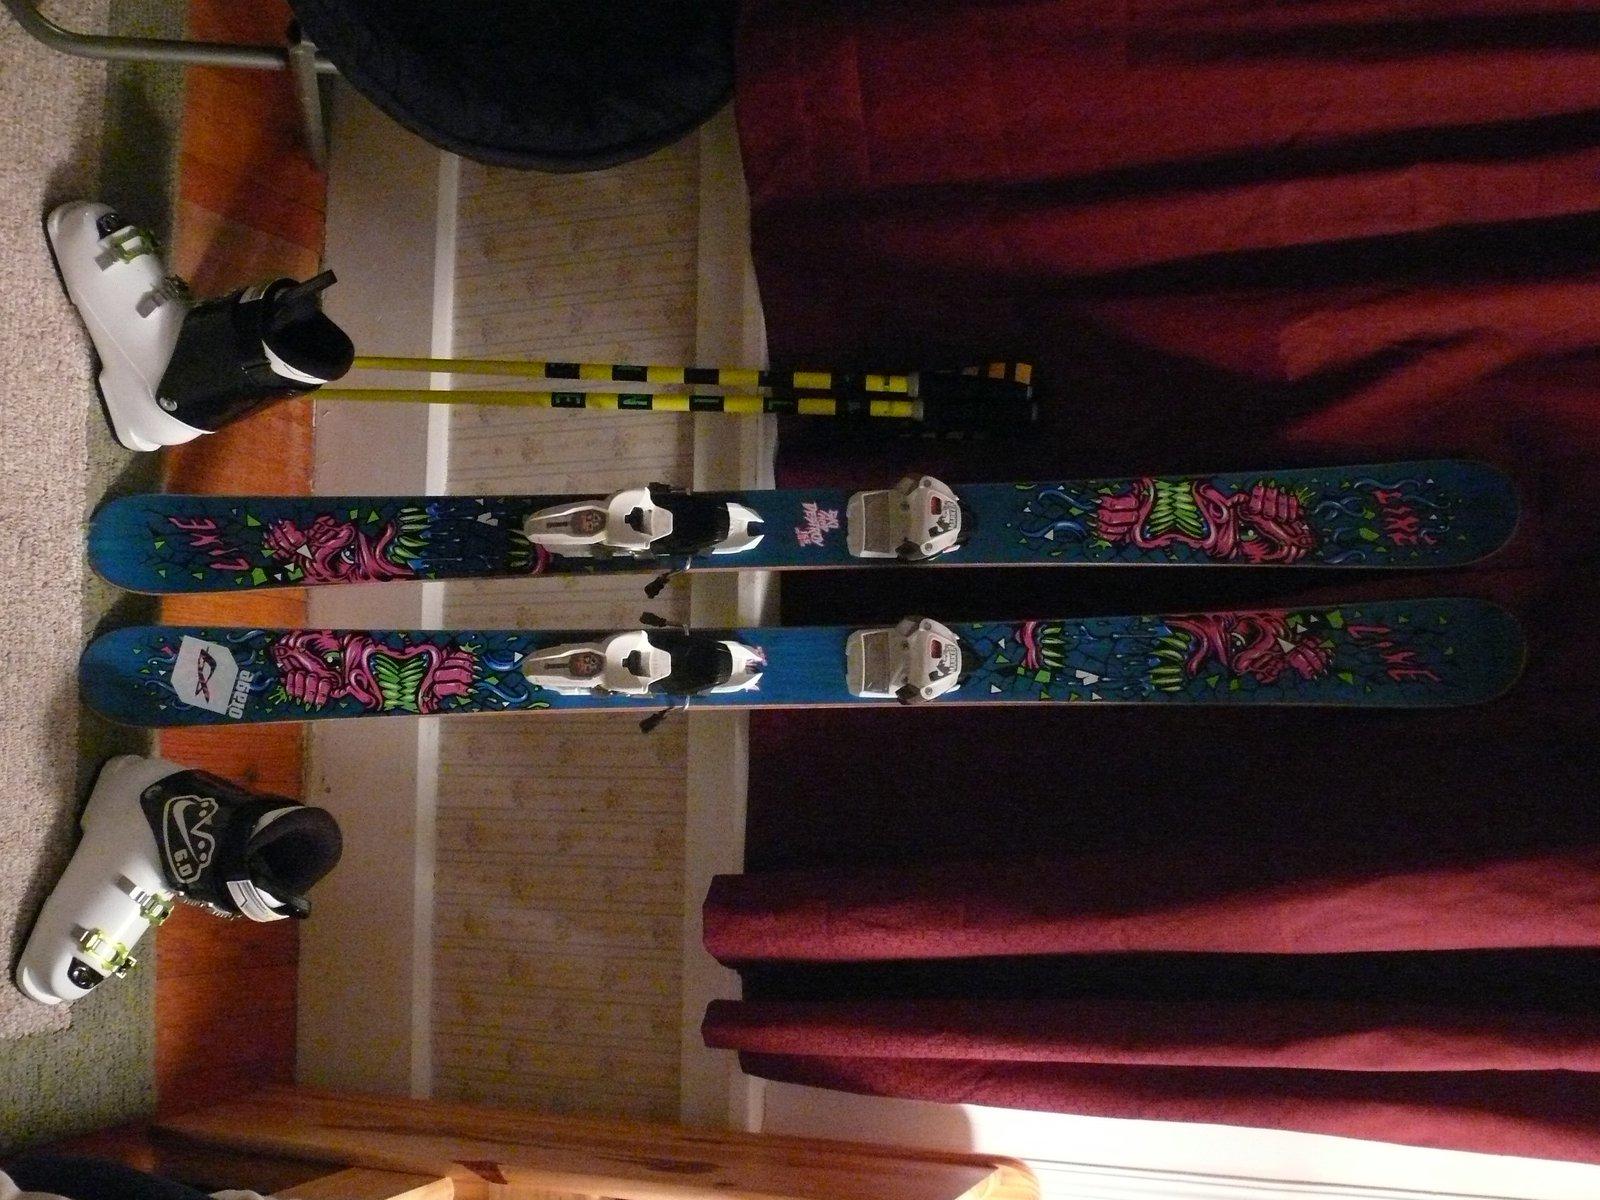 Ski stuff - 2 of 10